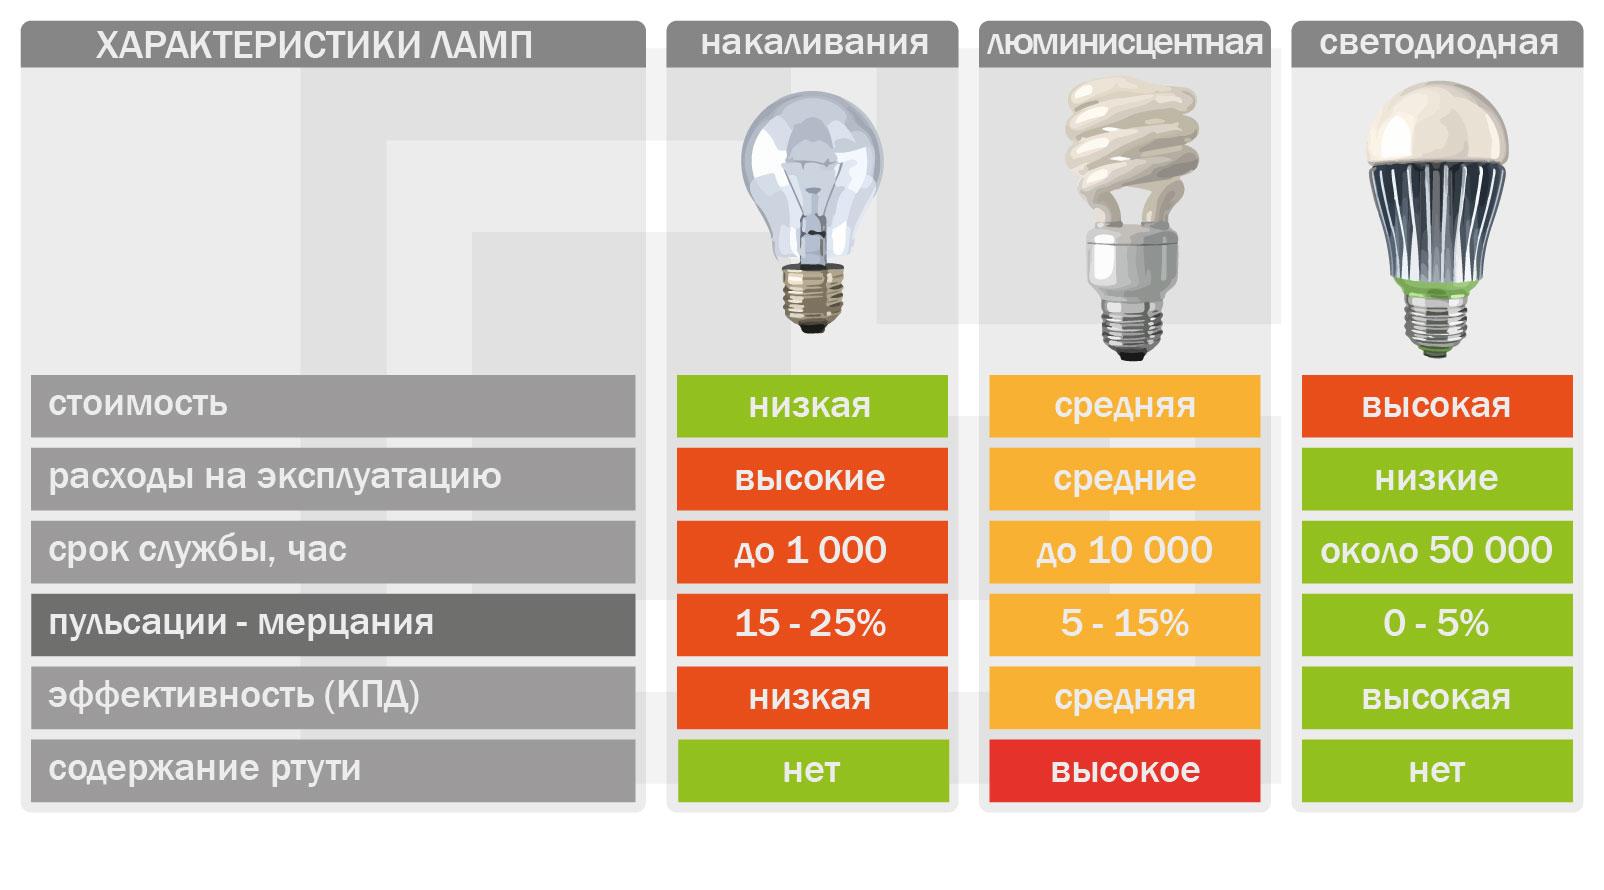 Соответствие мощности светодиодных ламп и люминесцентных